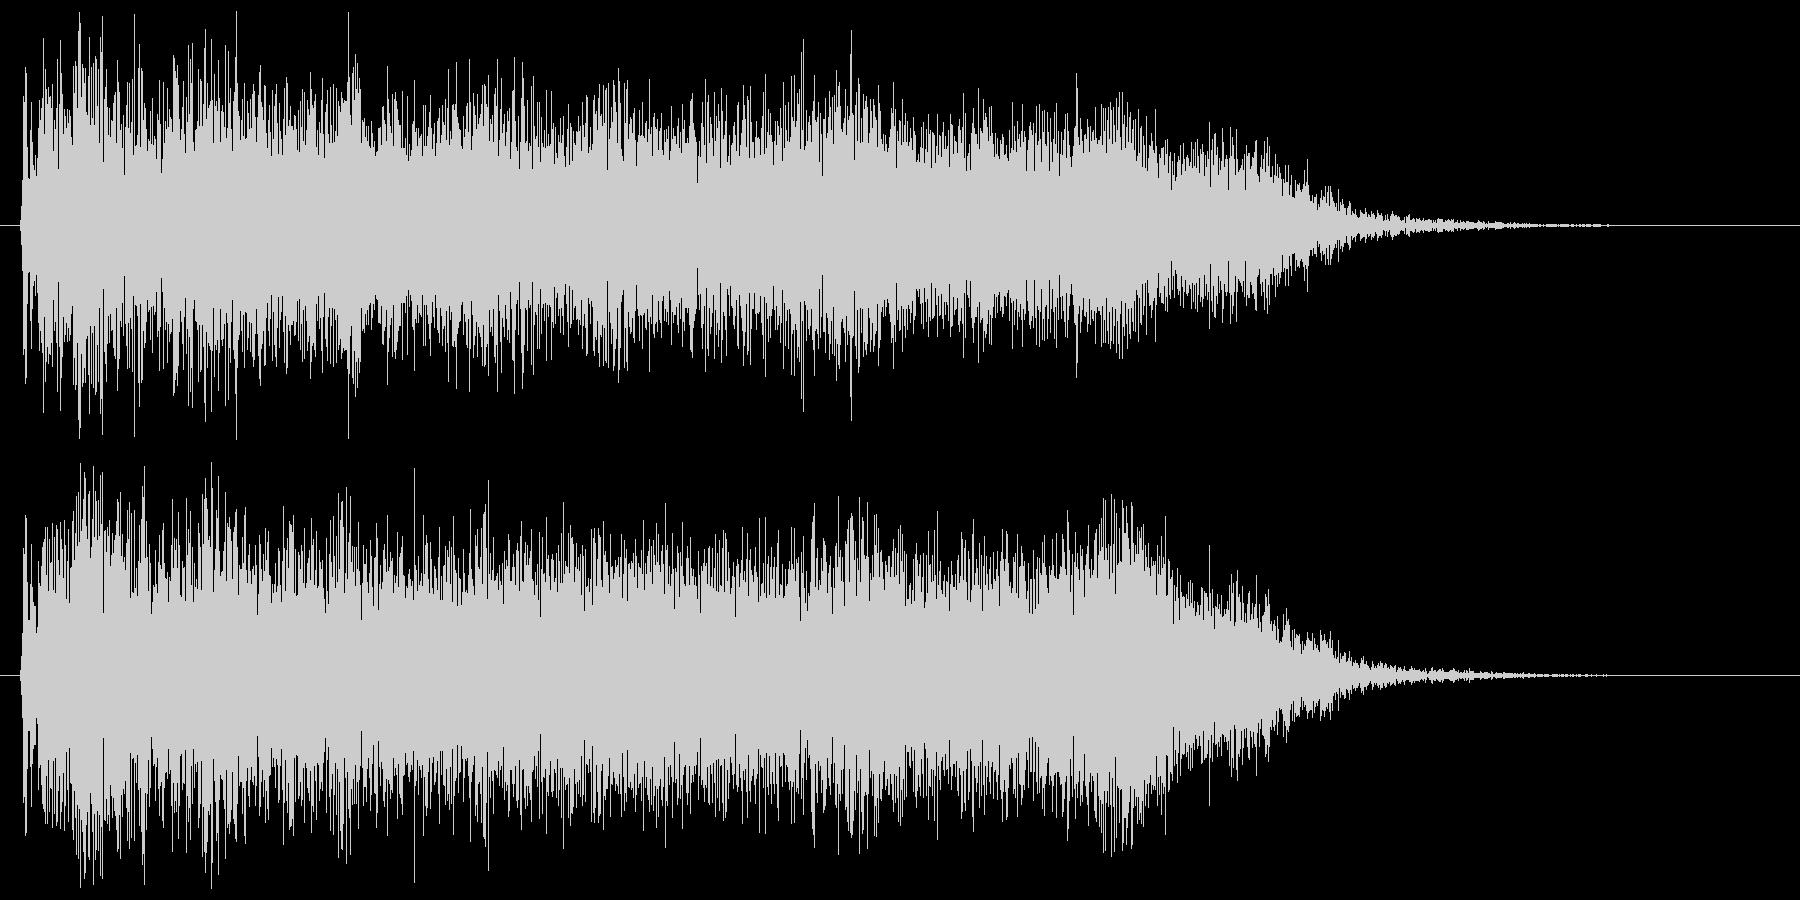 メタルギターフレーズ ダーク 場面転換の未再生の波形